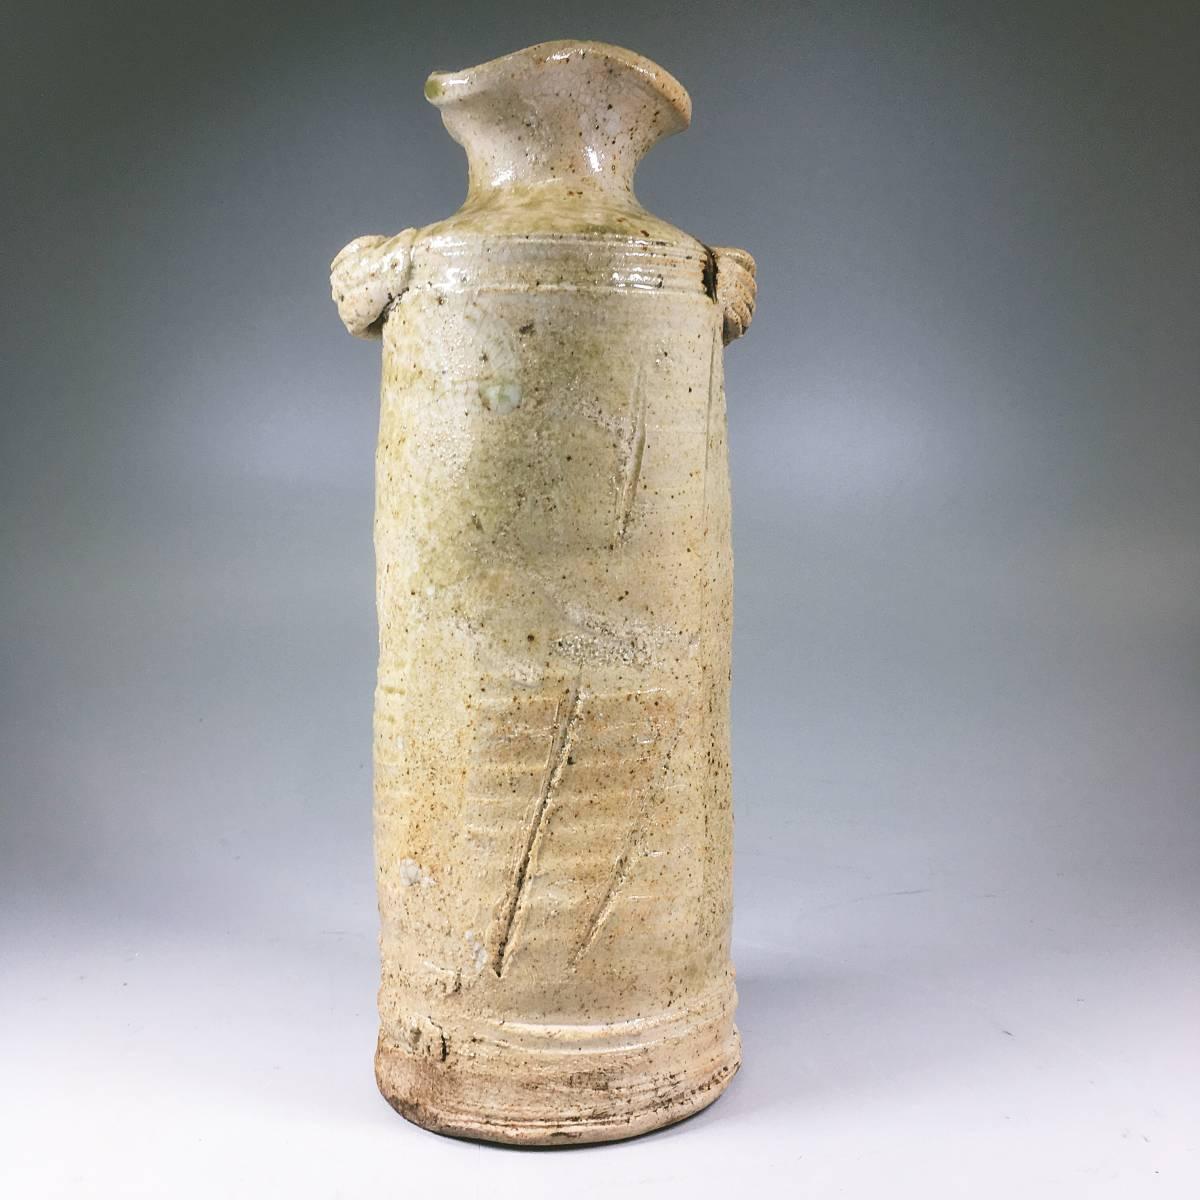 信楽焼 耳付花瓶 花器 花入れ 陶器 置物 古美術品 美品 花瓶 飾壺_画像2